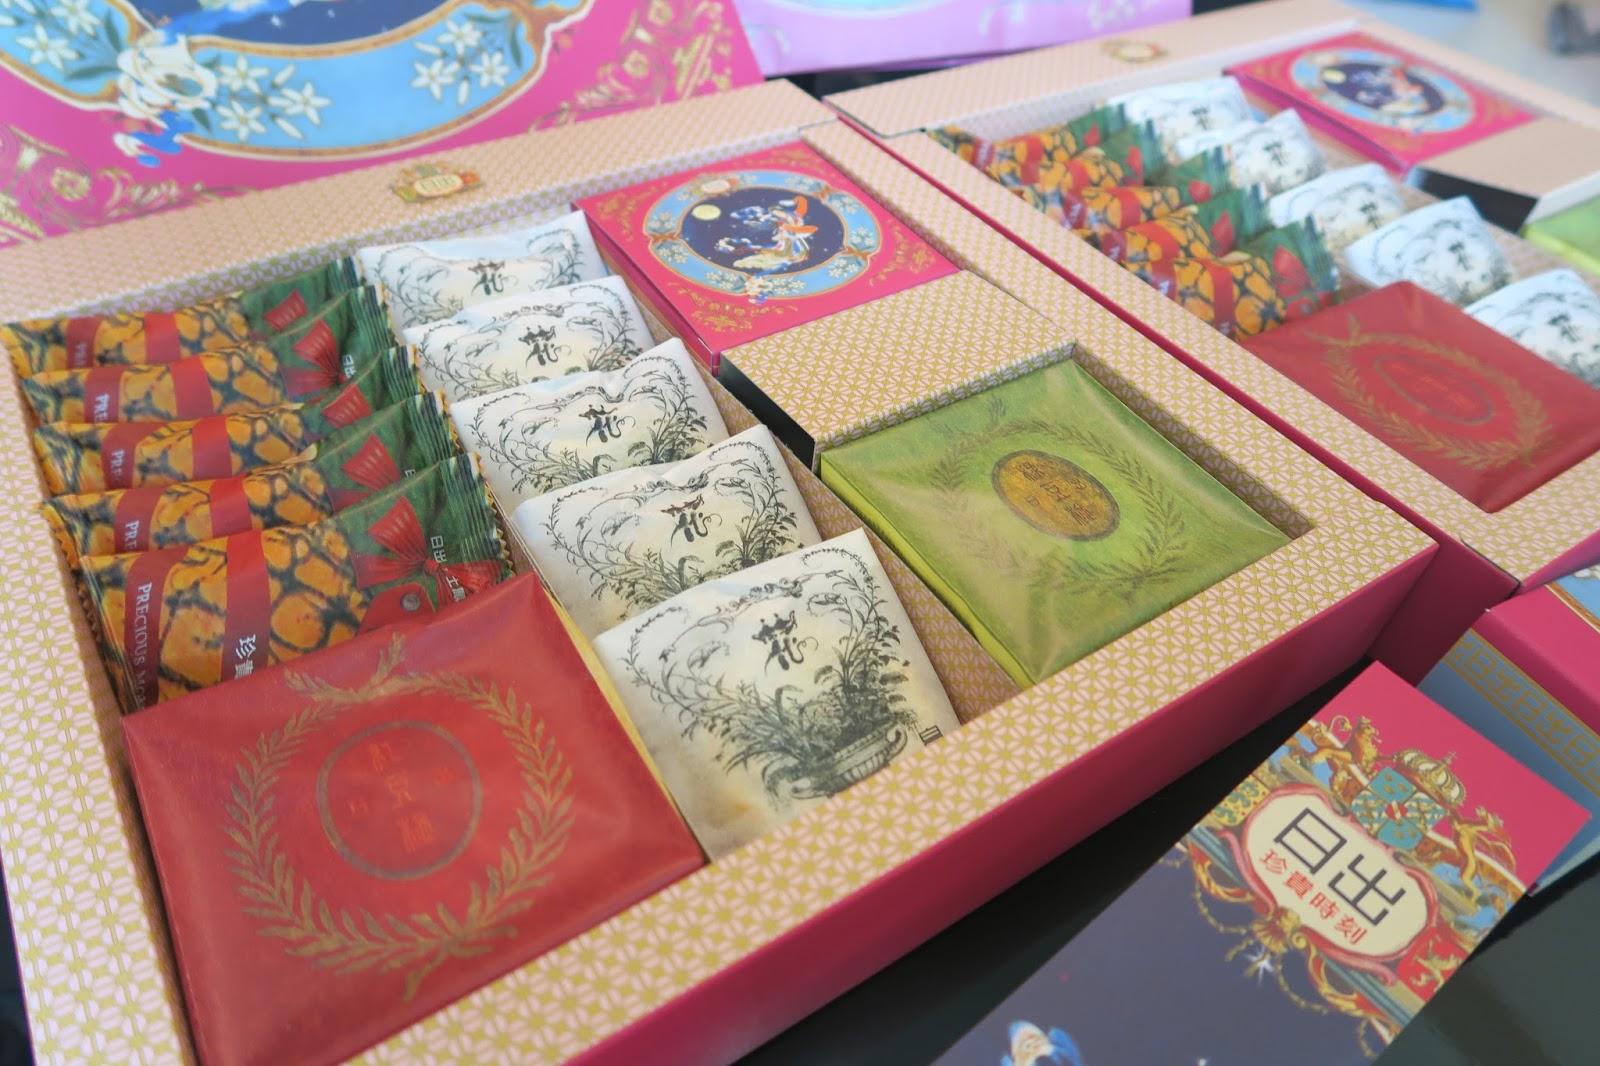 [月餅] 2015年中秋日出月餅禮盒&郭元益月餅禮盒開箱!   綜合口味